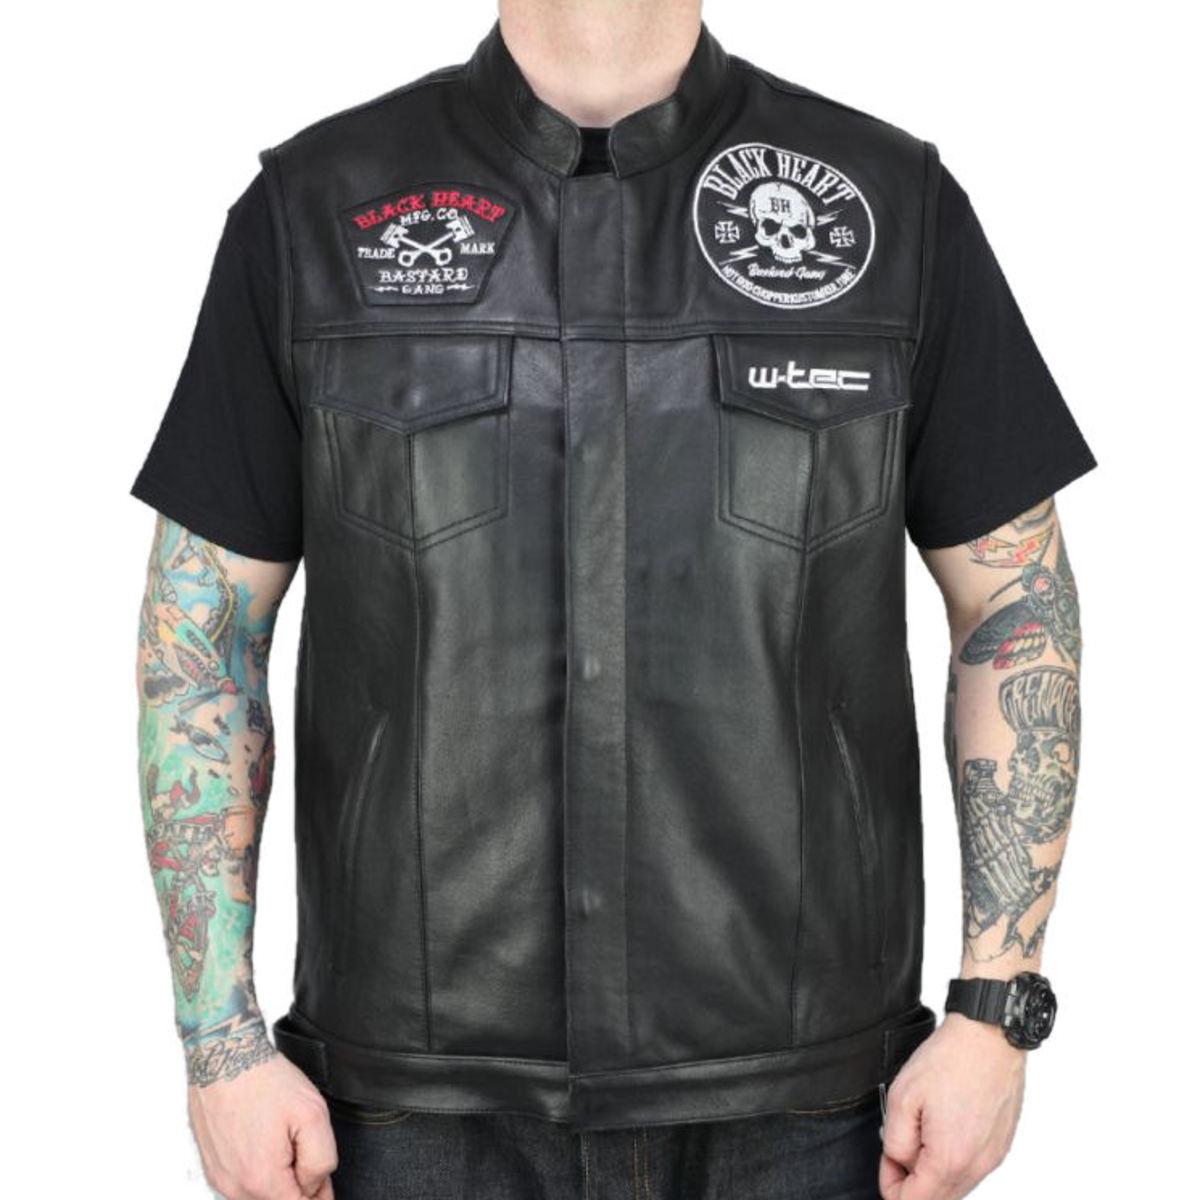 vesta pánska BLACK HEART - W-TEC SKULL - BLACK - 029-0010-BLK